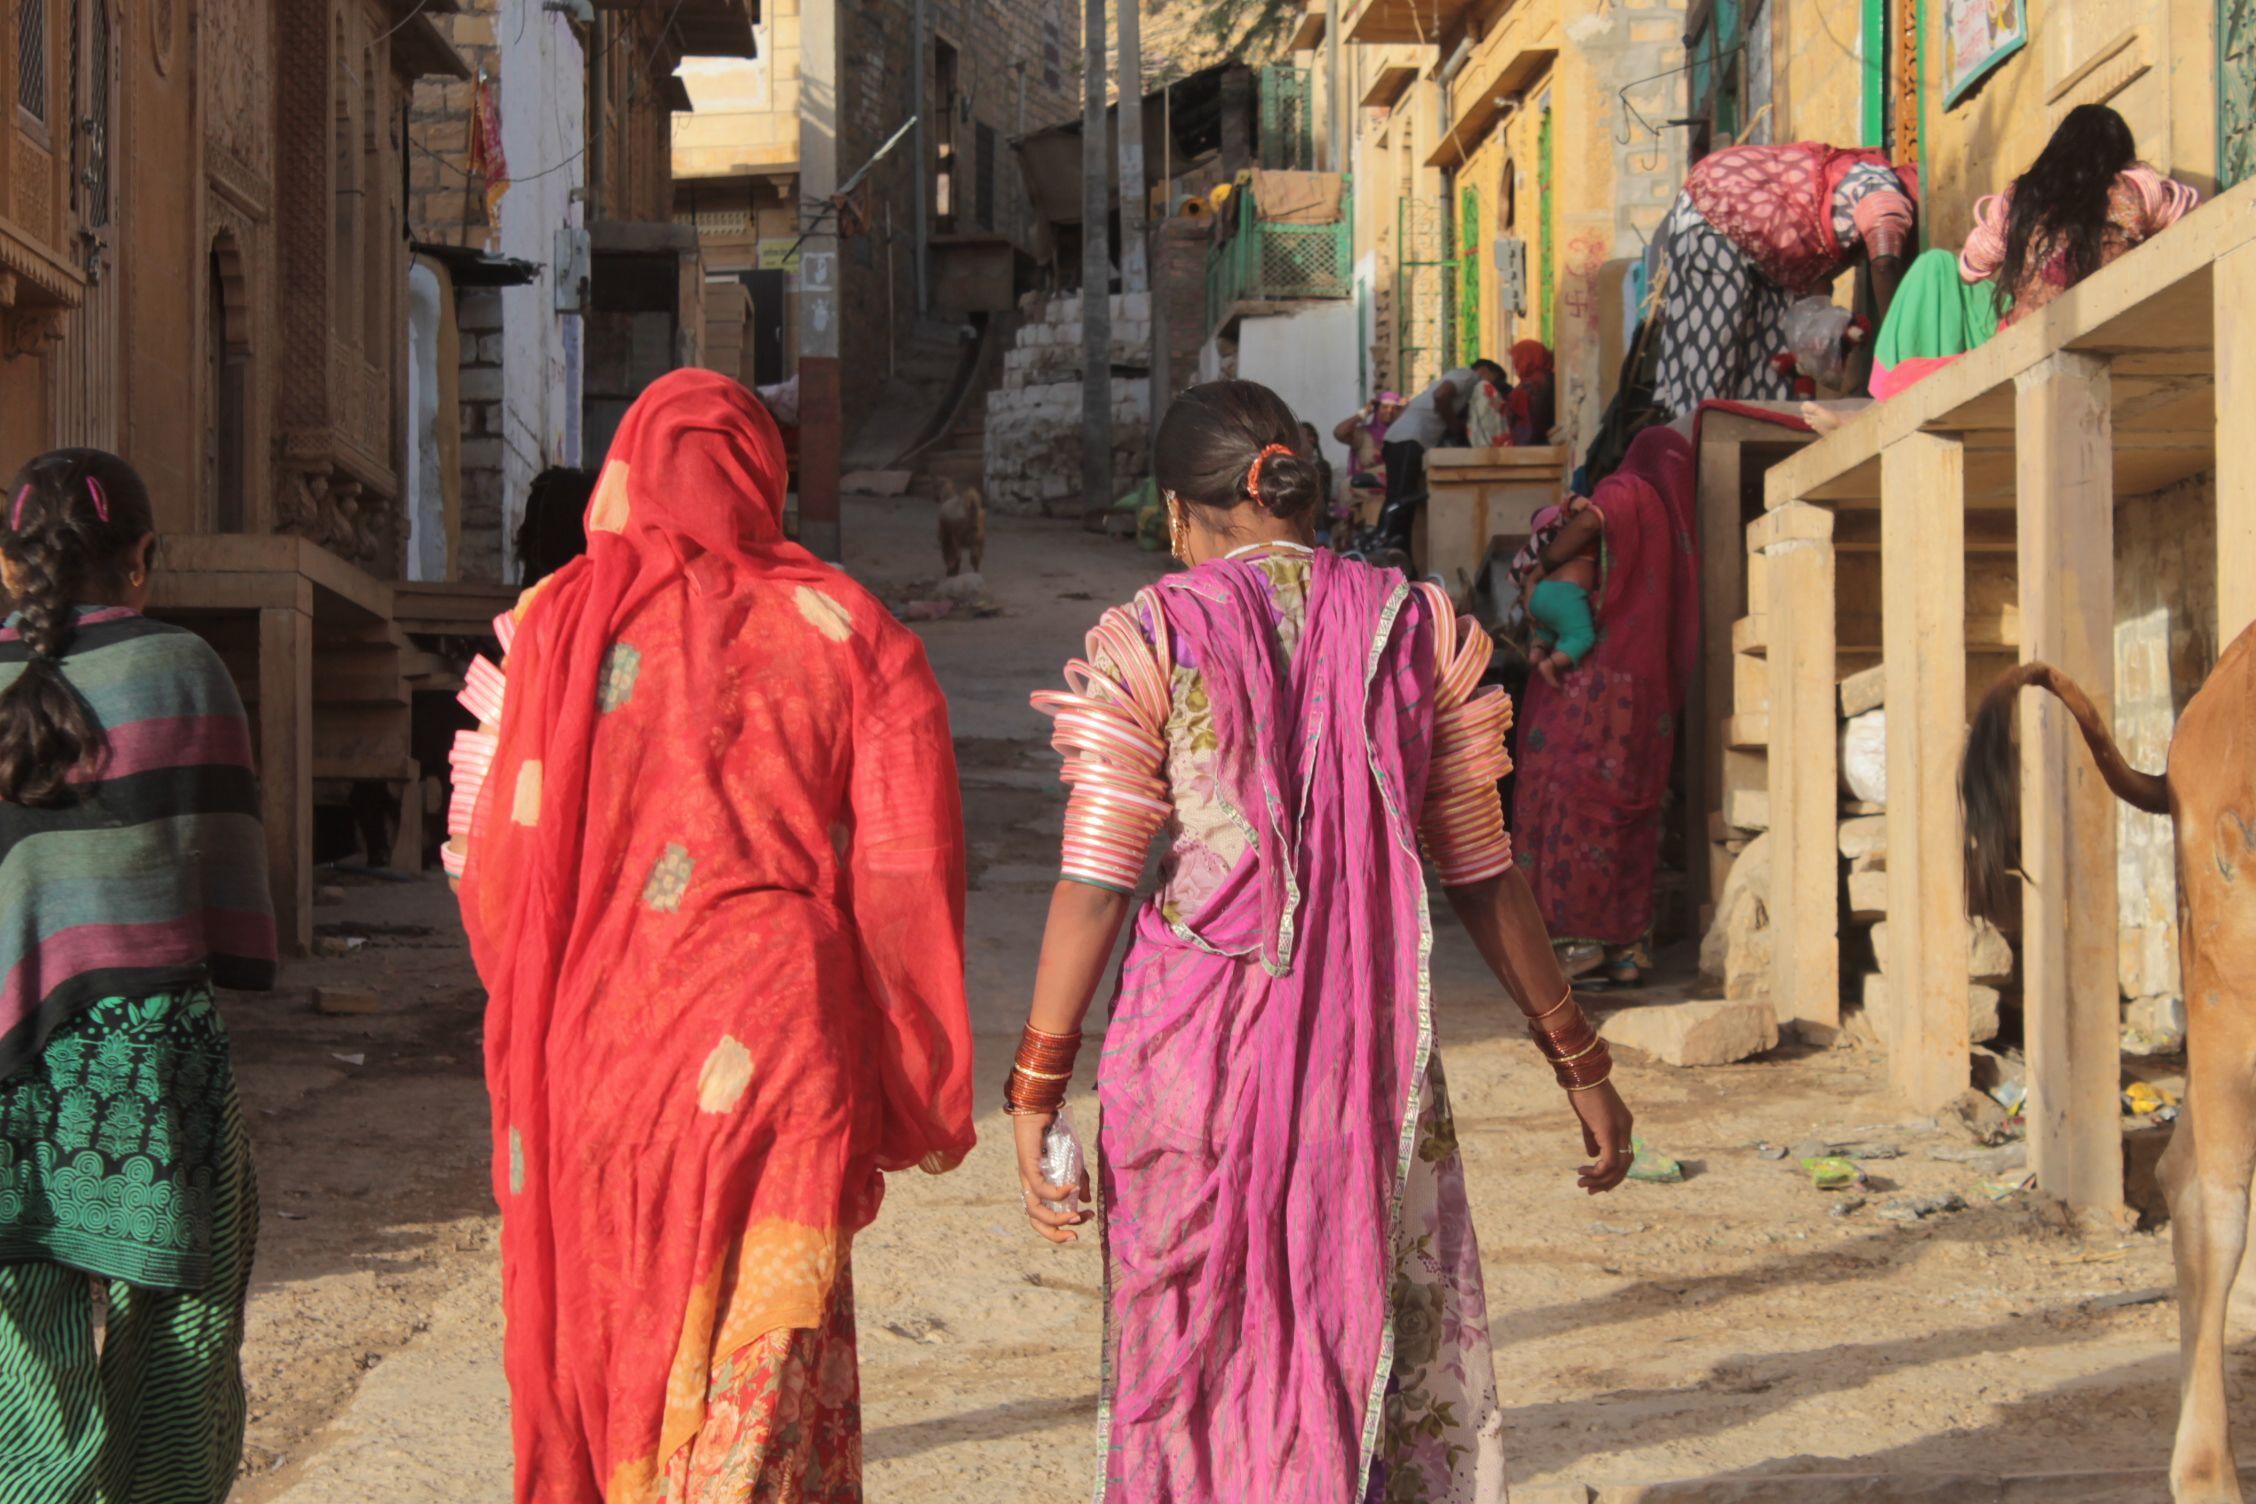 Mujeres por las calles de Jaisalmer